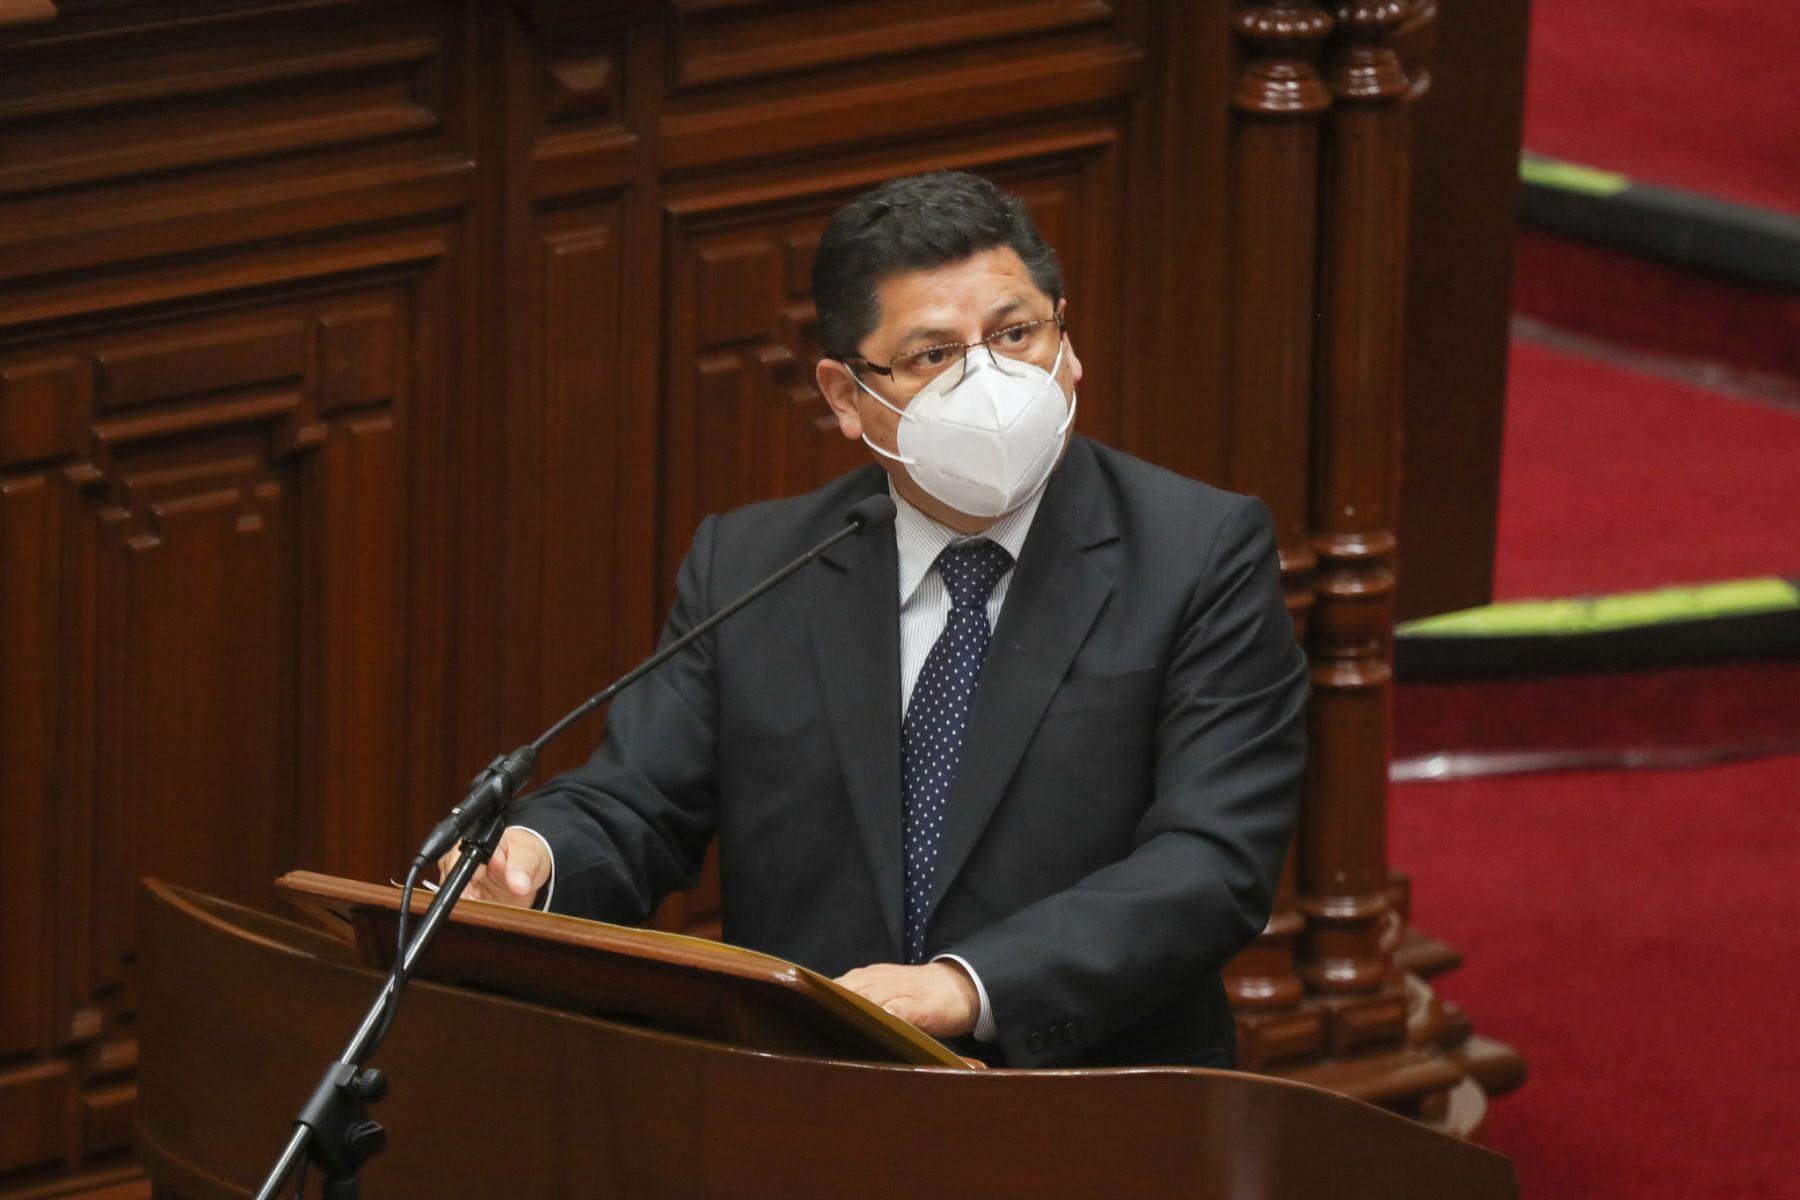 Eduardo Vega, ministro de Justicia y Derechos Humanos expone ante el pleno del Congreso para sustentar el presupuesto del sector público 2021.Foto: ANDINA / PCM